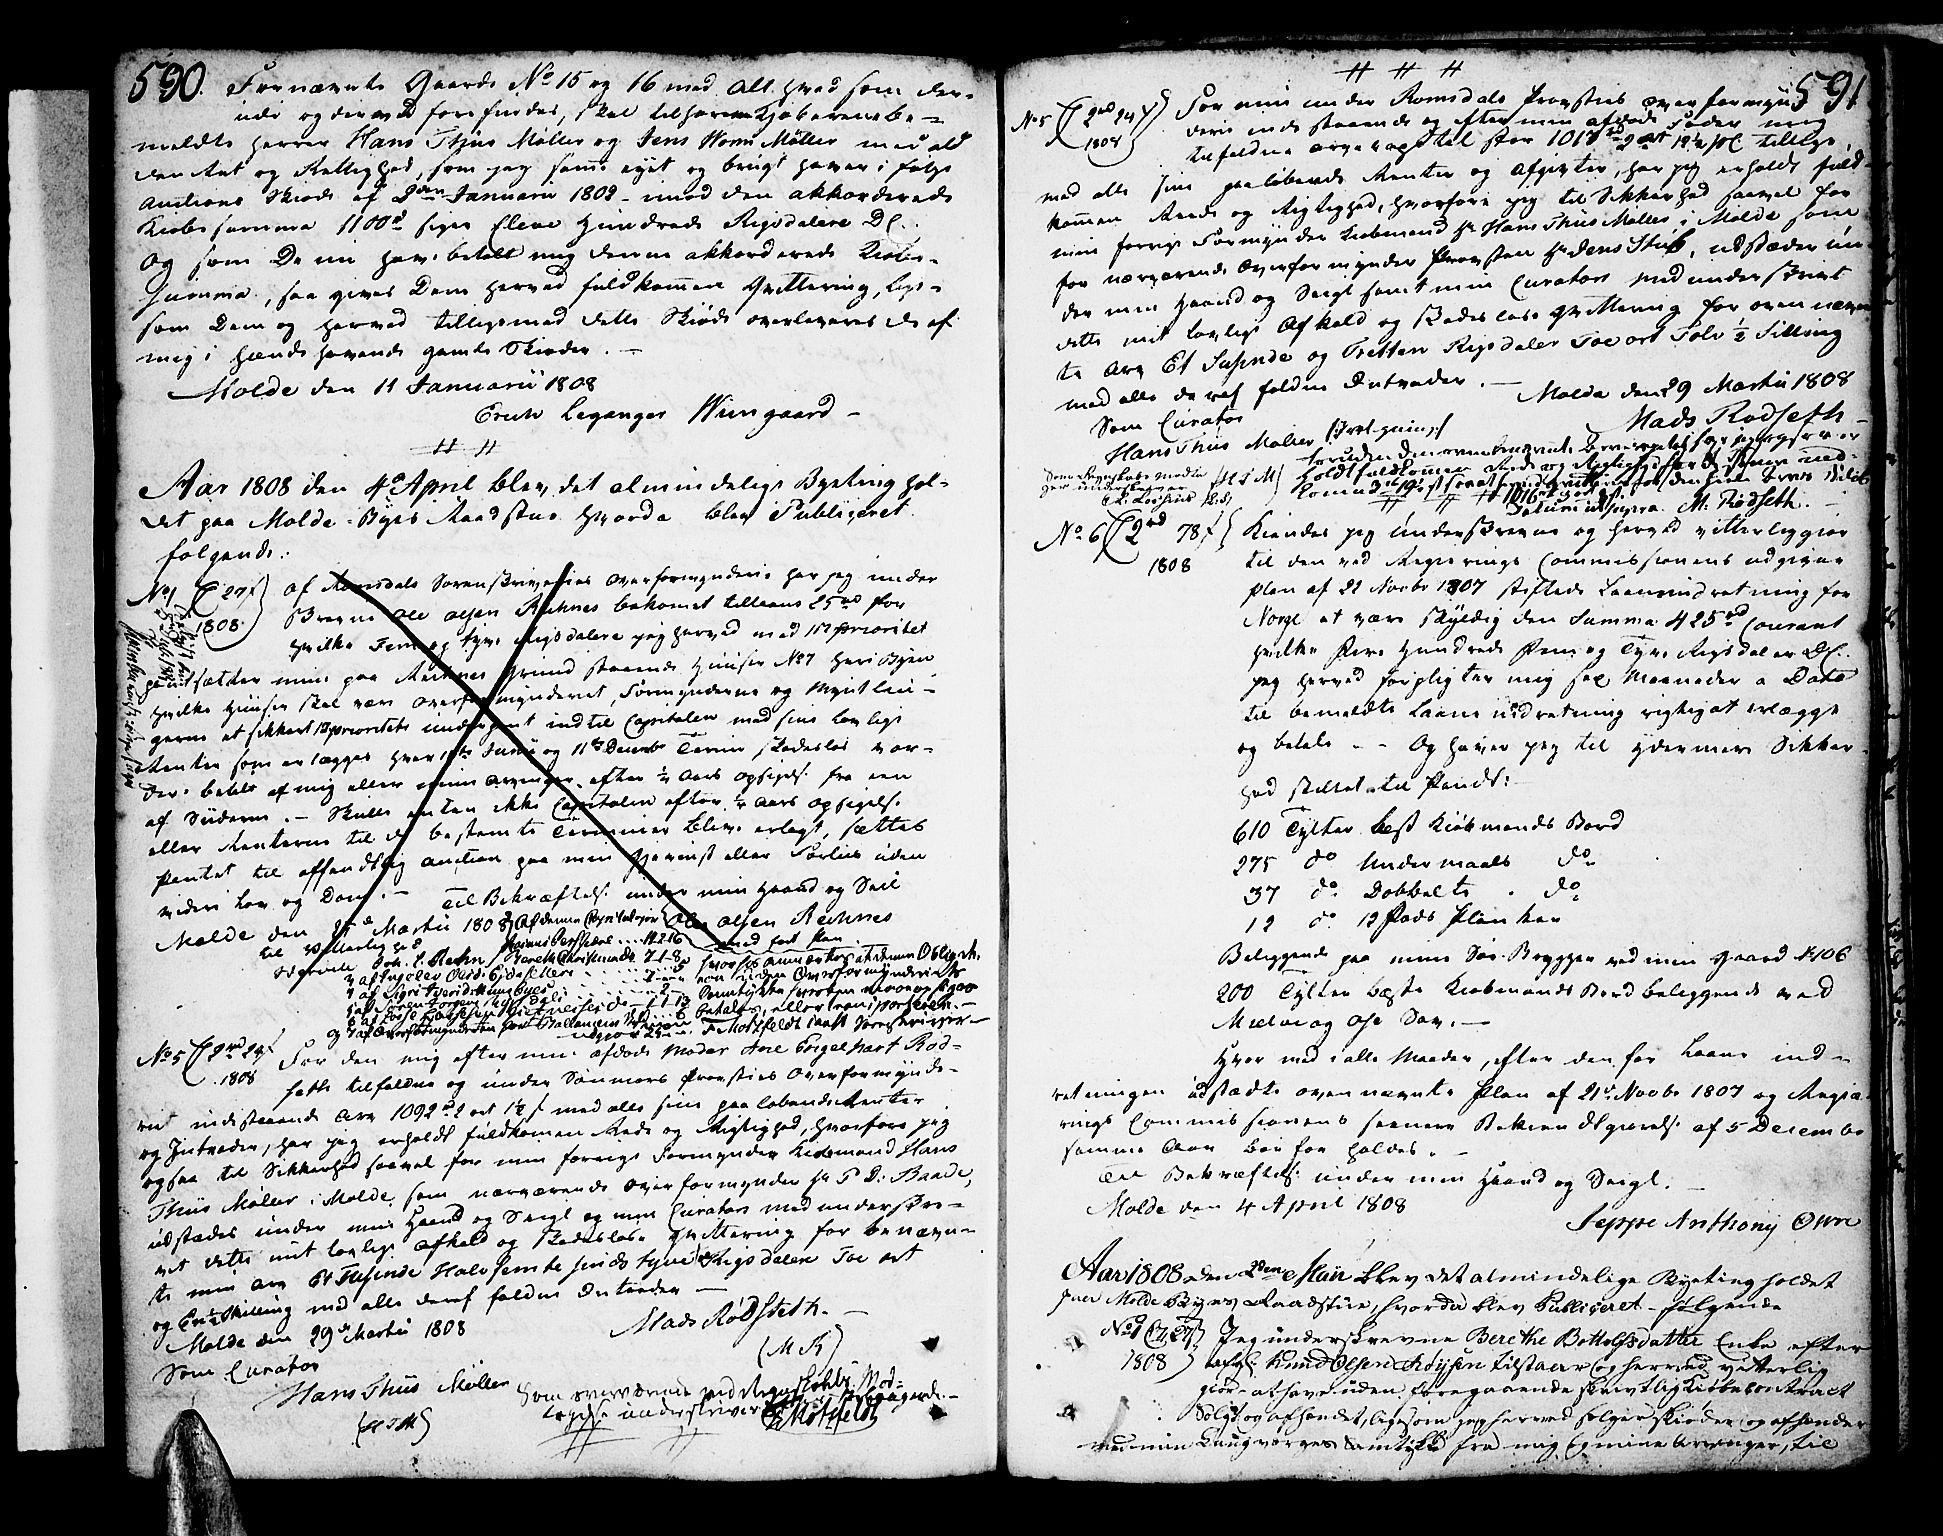 SAT, Molde byfogd, 2/2C/L0001: Pantebok nr. 1, 1748-1823, s. 590-591